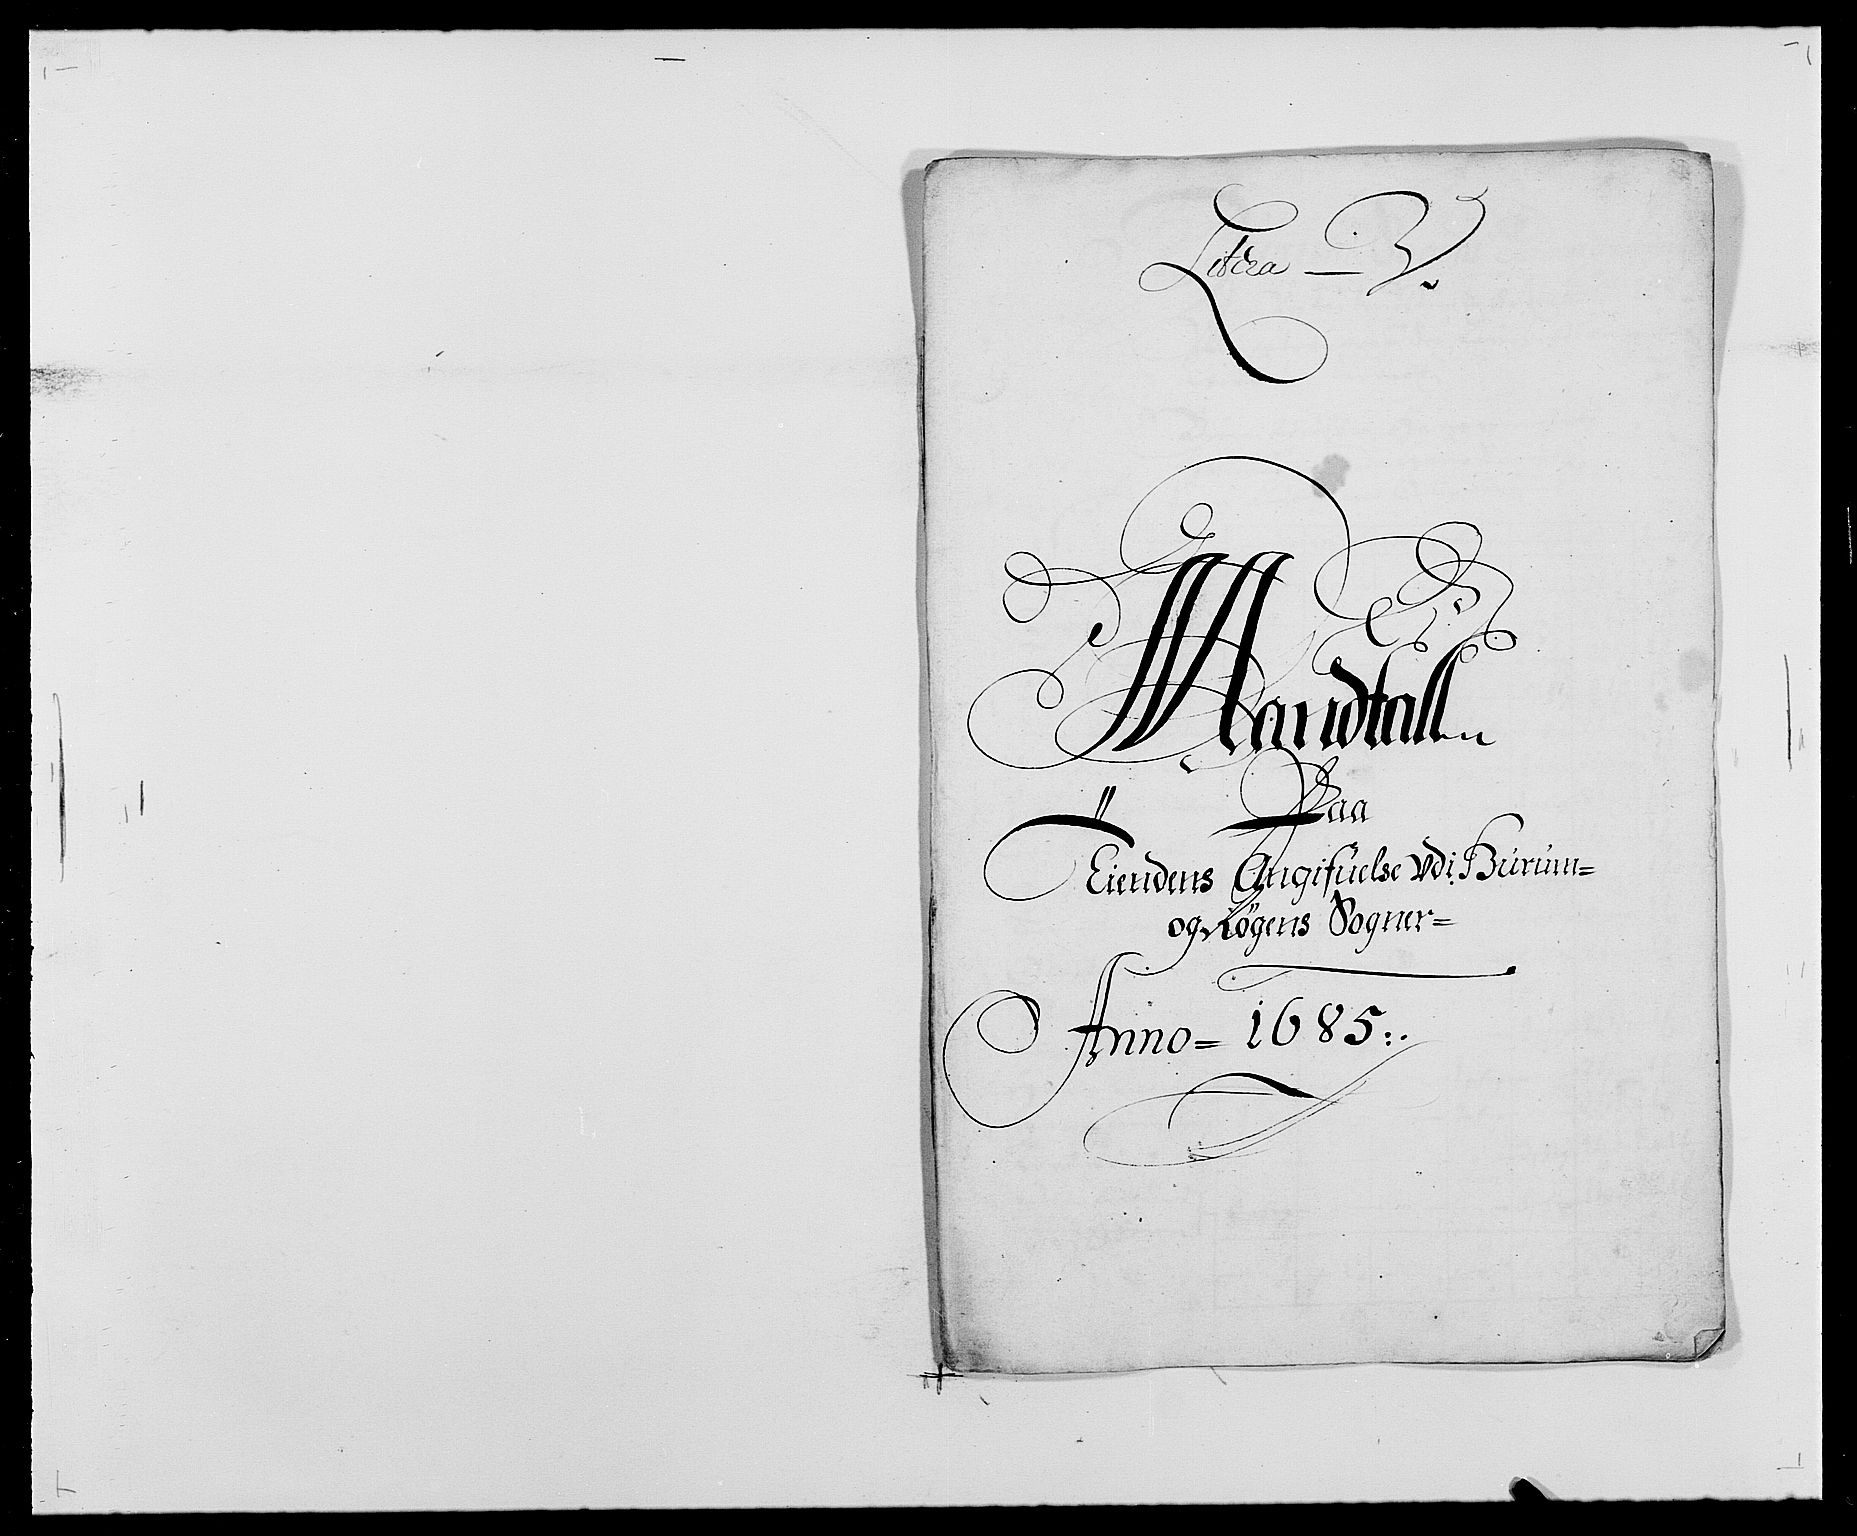 RA, Rentekammeret inntil 1814, Reviderte regnskaper, Fogderegnskap, R29/L1692: Fogderegnskap Hurum og Røyken, 1682-1687, s. 231